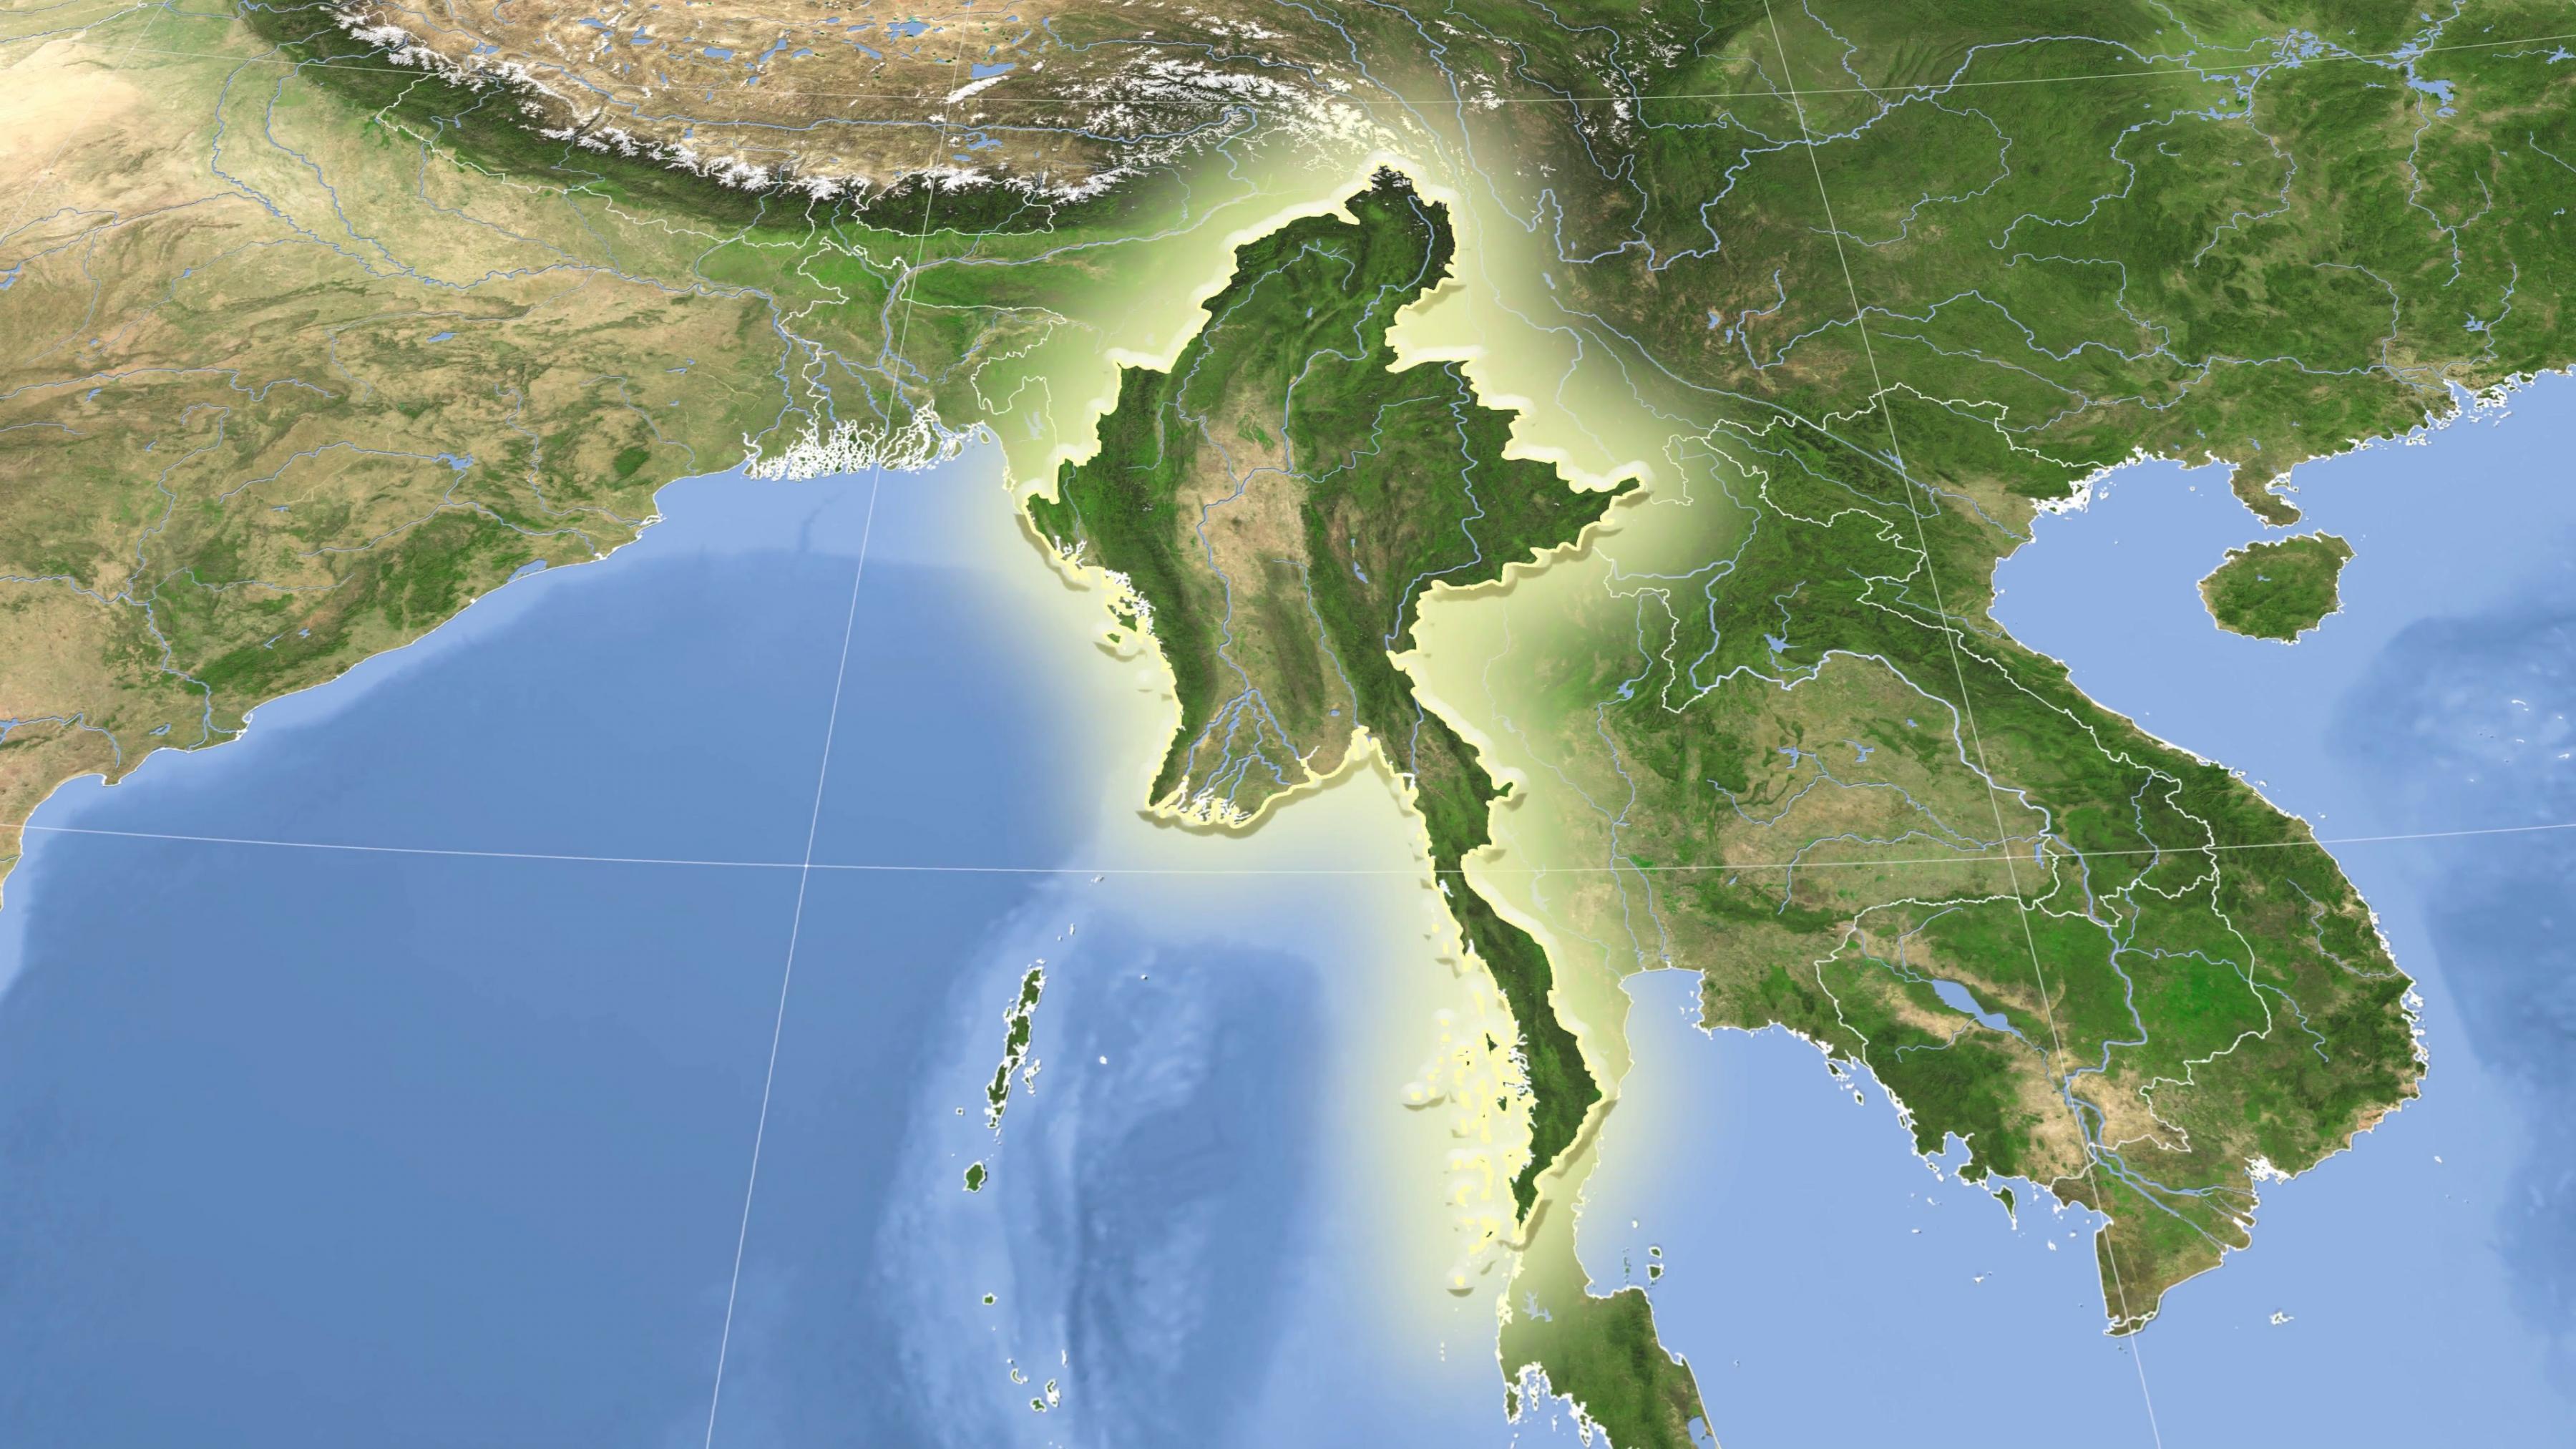 Myanmarin Satelliitti Kartta Myanmar Satelliitti Kartta Elaa